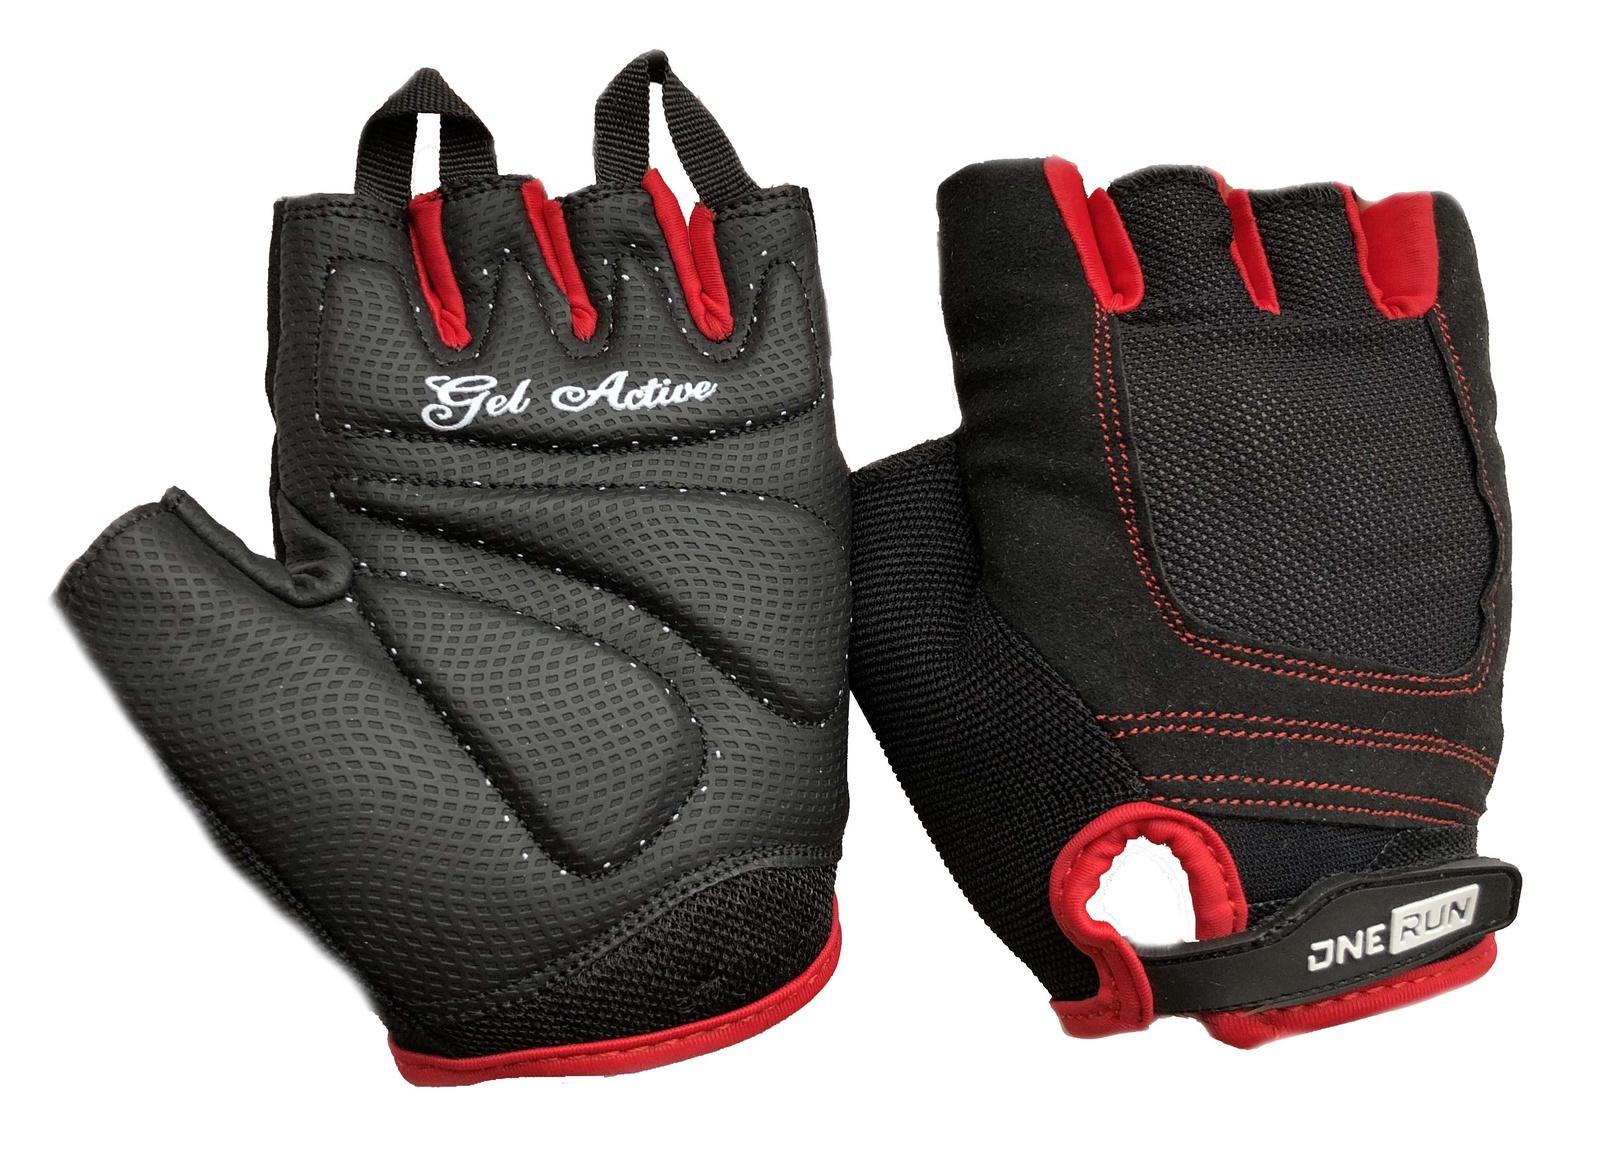 """Перчатки для фитнеса OneRun женские гелевые, AI-05-785-S, красный, черный, размер SAI-05-785-SПерчатки сделаны из качественных композиционных материалов. Износостойкий материал """"Серино"""" обеспечивает хорошее сцепление с поверхностью, позволяя улучшить захват при работе с гантелями, штангами и гирями. Внешняя сторона перчатки состоит из сетки, что позволяет отводить пот от рук. Липучка регулирует ширину запястья. Ладонь: 50% серино. Тыльная сторона: 10% эластан, 20% сетка из лайкры, 15 % амара, 5% спандекс."""